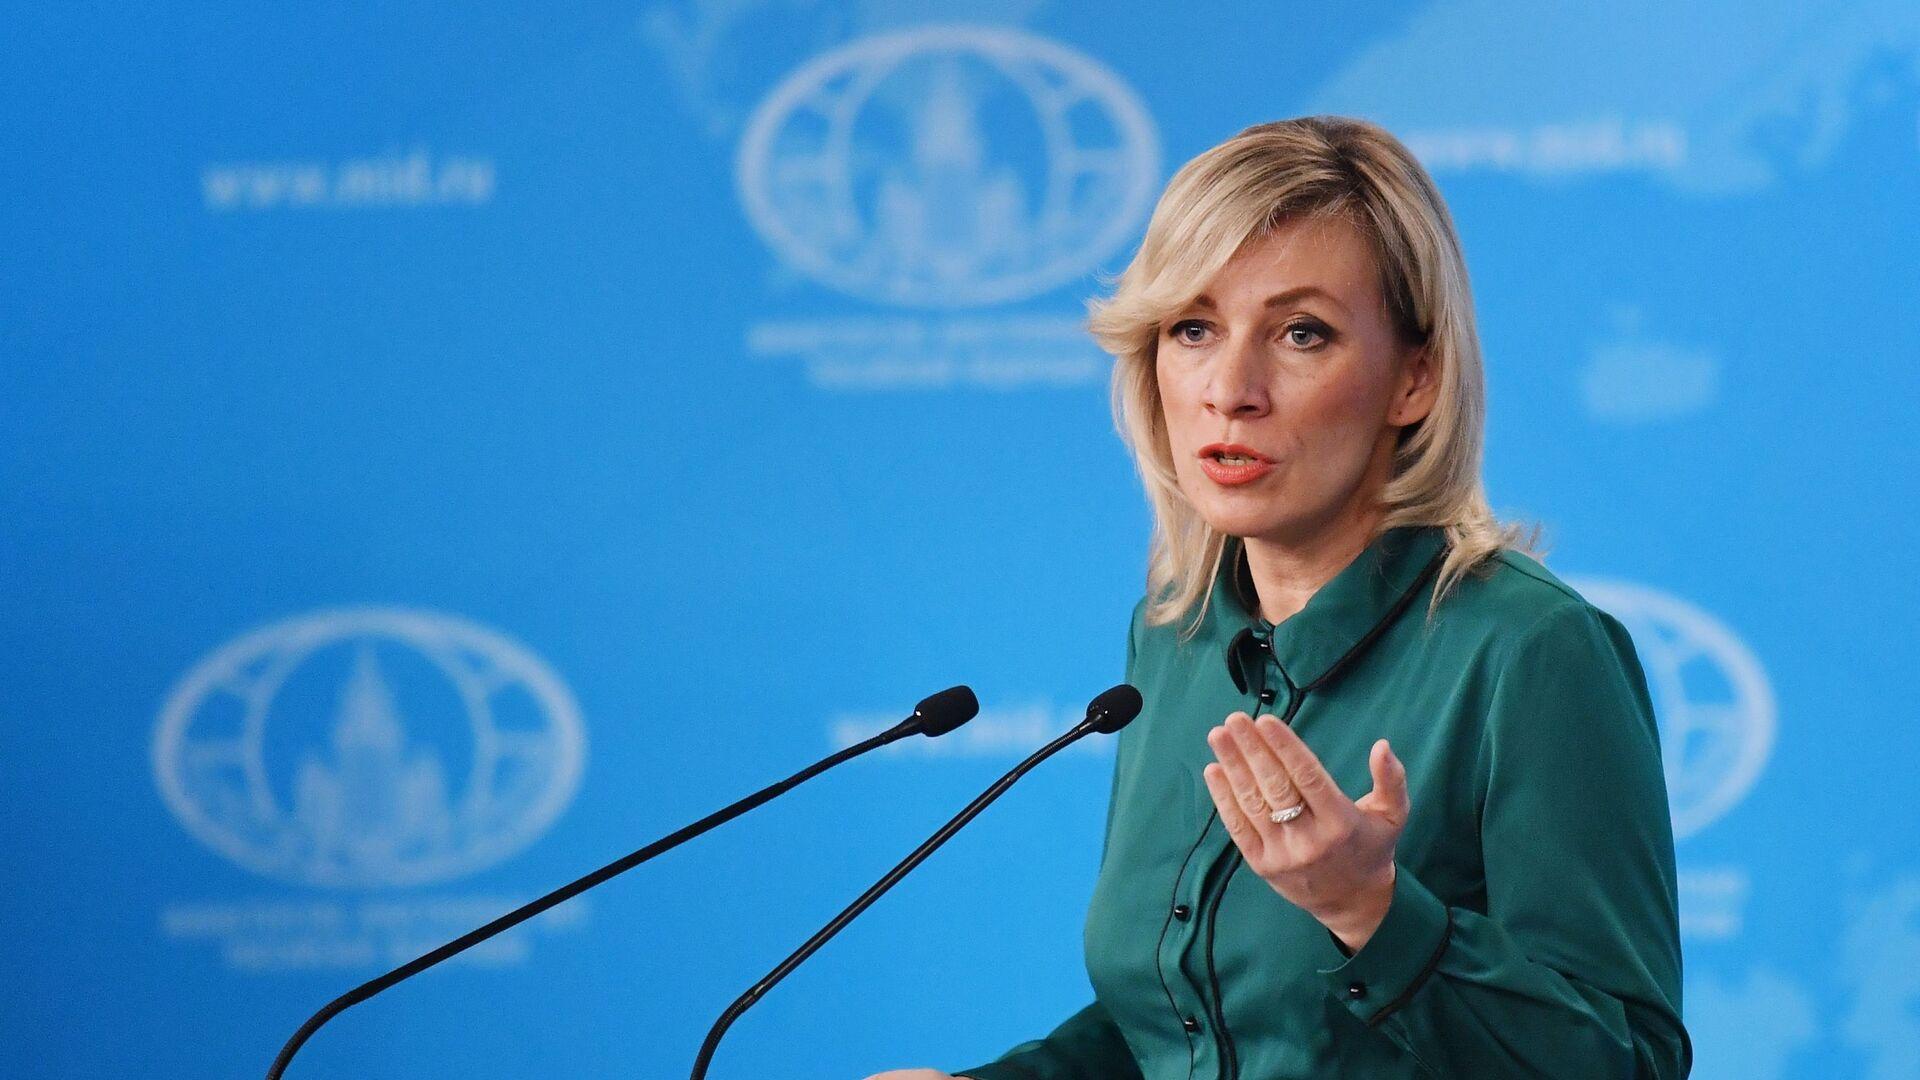 María Zajárova, portavoz del Ministerio de Asuntos Exteriores de Rusia - Sputnik Mundo, 1920, 01.06.2021